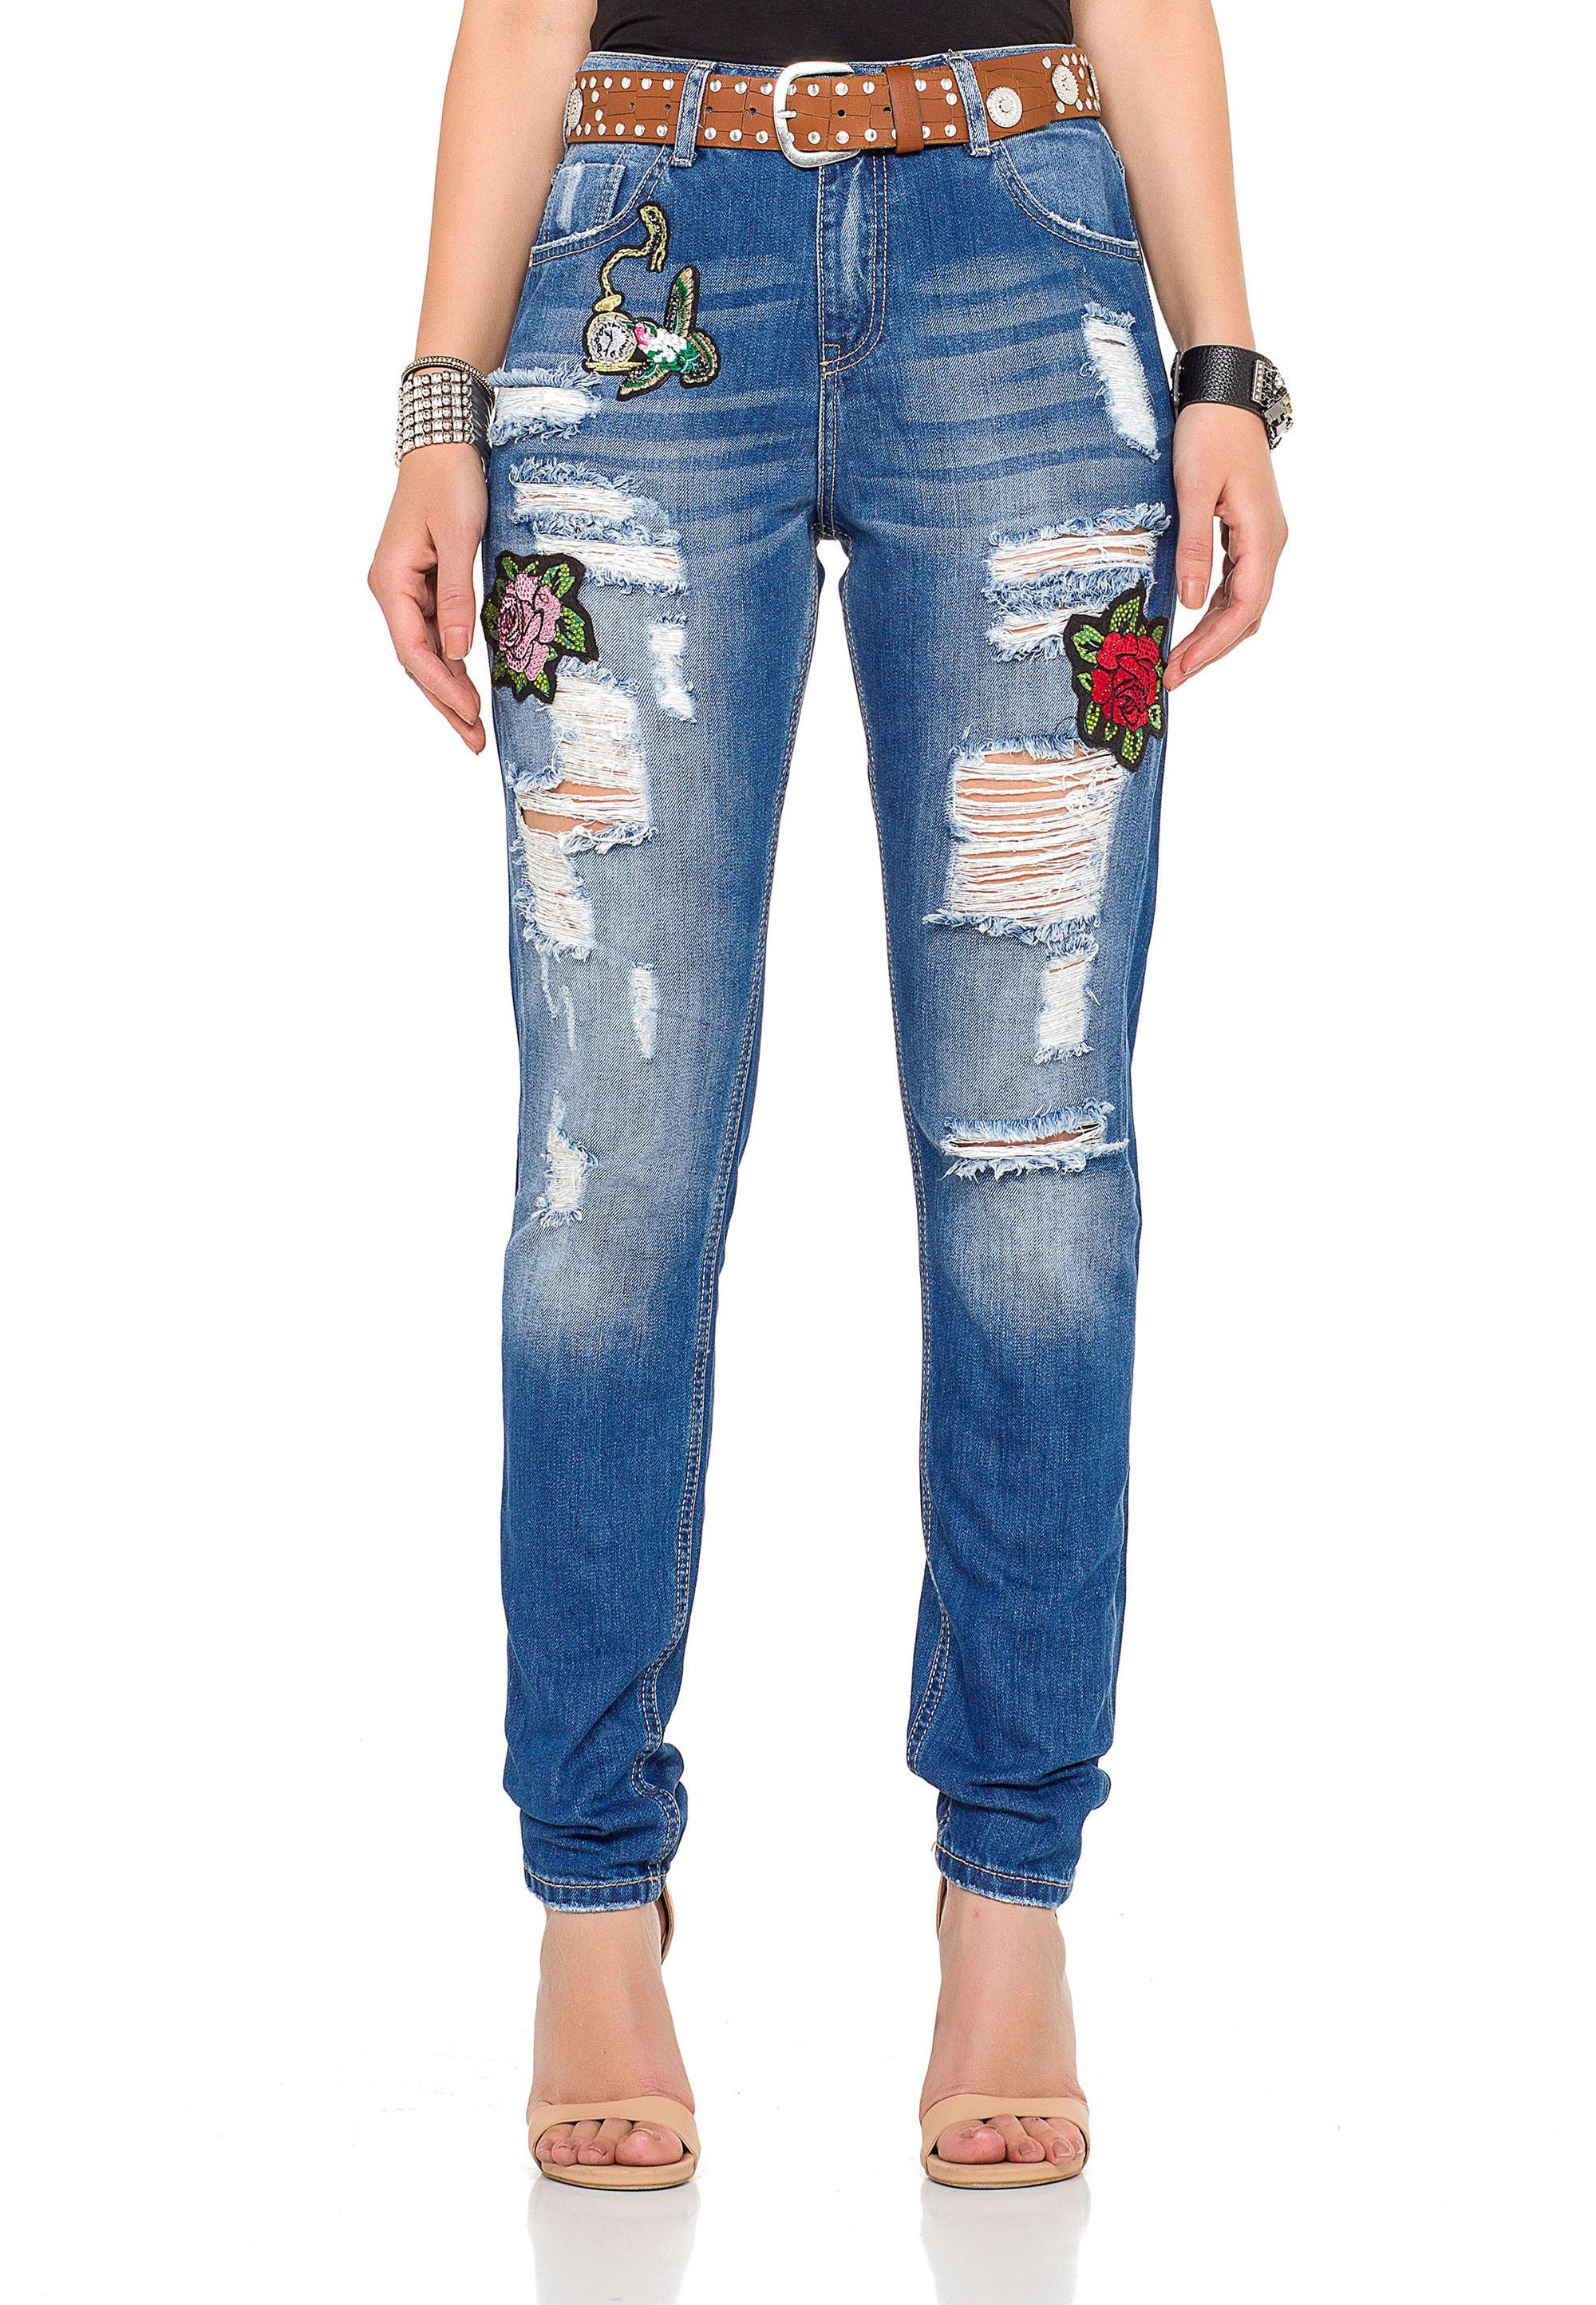 cipo & baxx -  Bequeme Jeans, mit tollen Patches und praktischem Gürtel